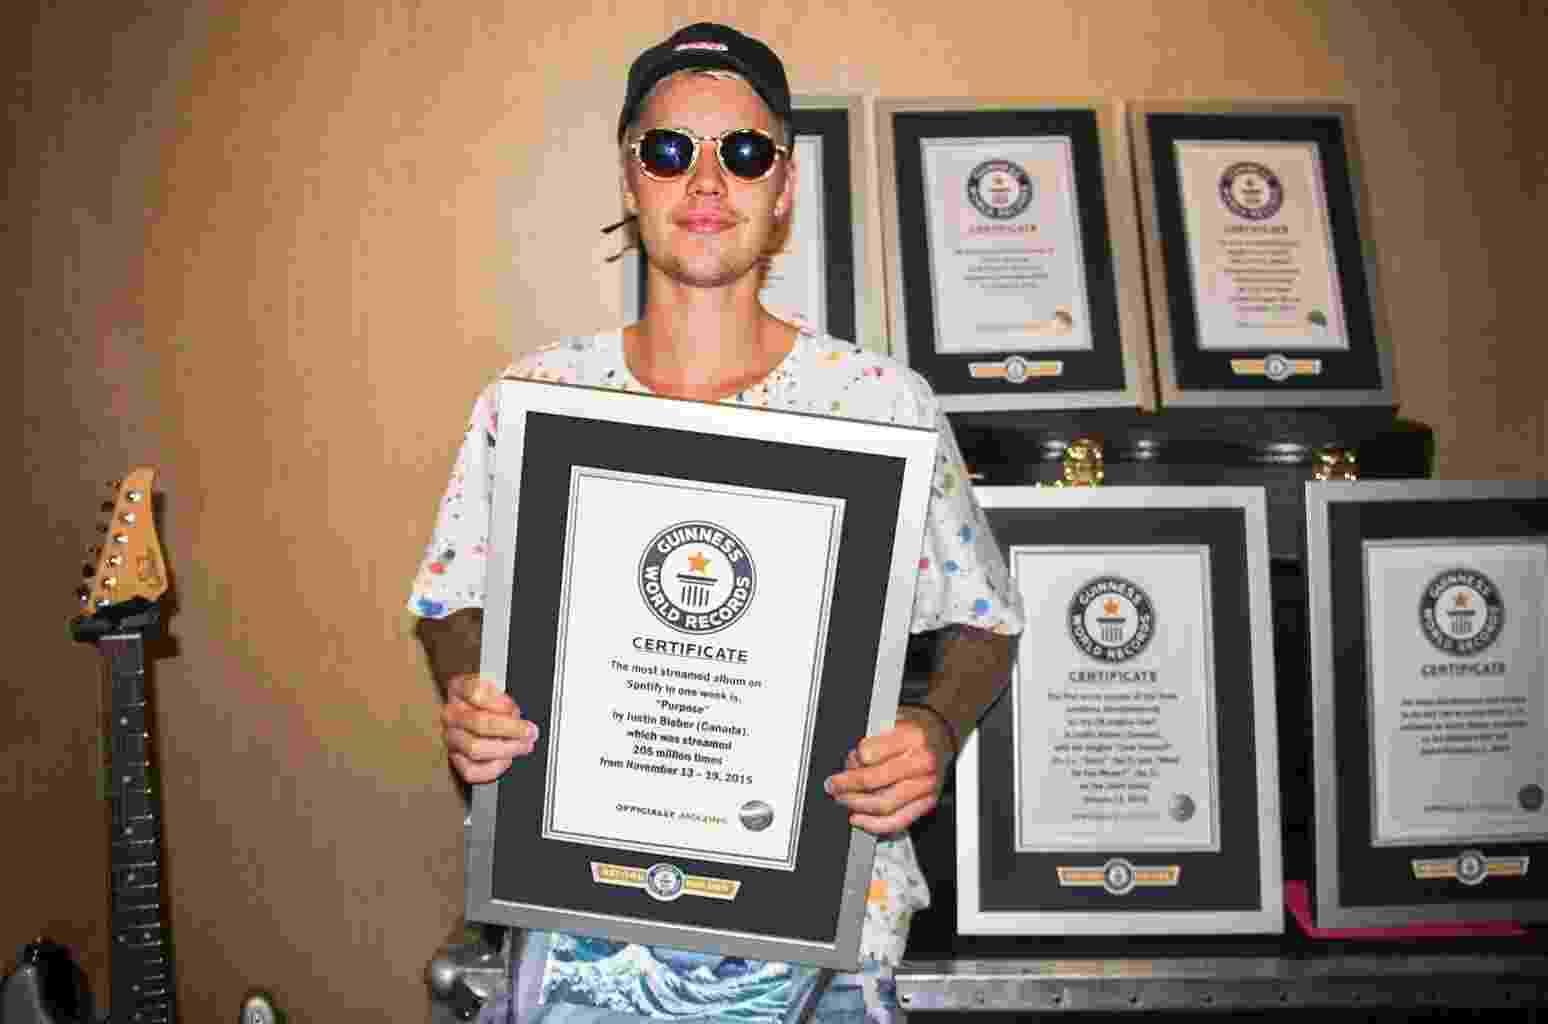 Deixando as polêmicas de lado, Justin Bieber é um fenômeno da música pop - Divulgação/GuinnessWorldRecord